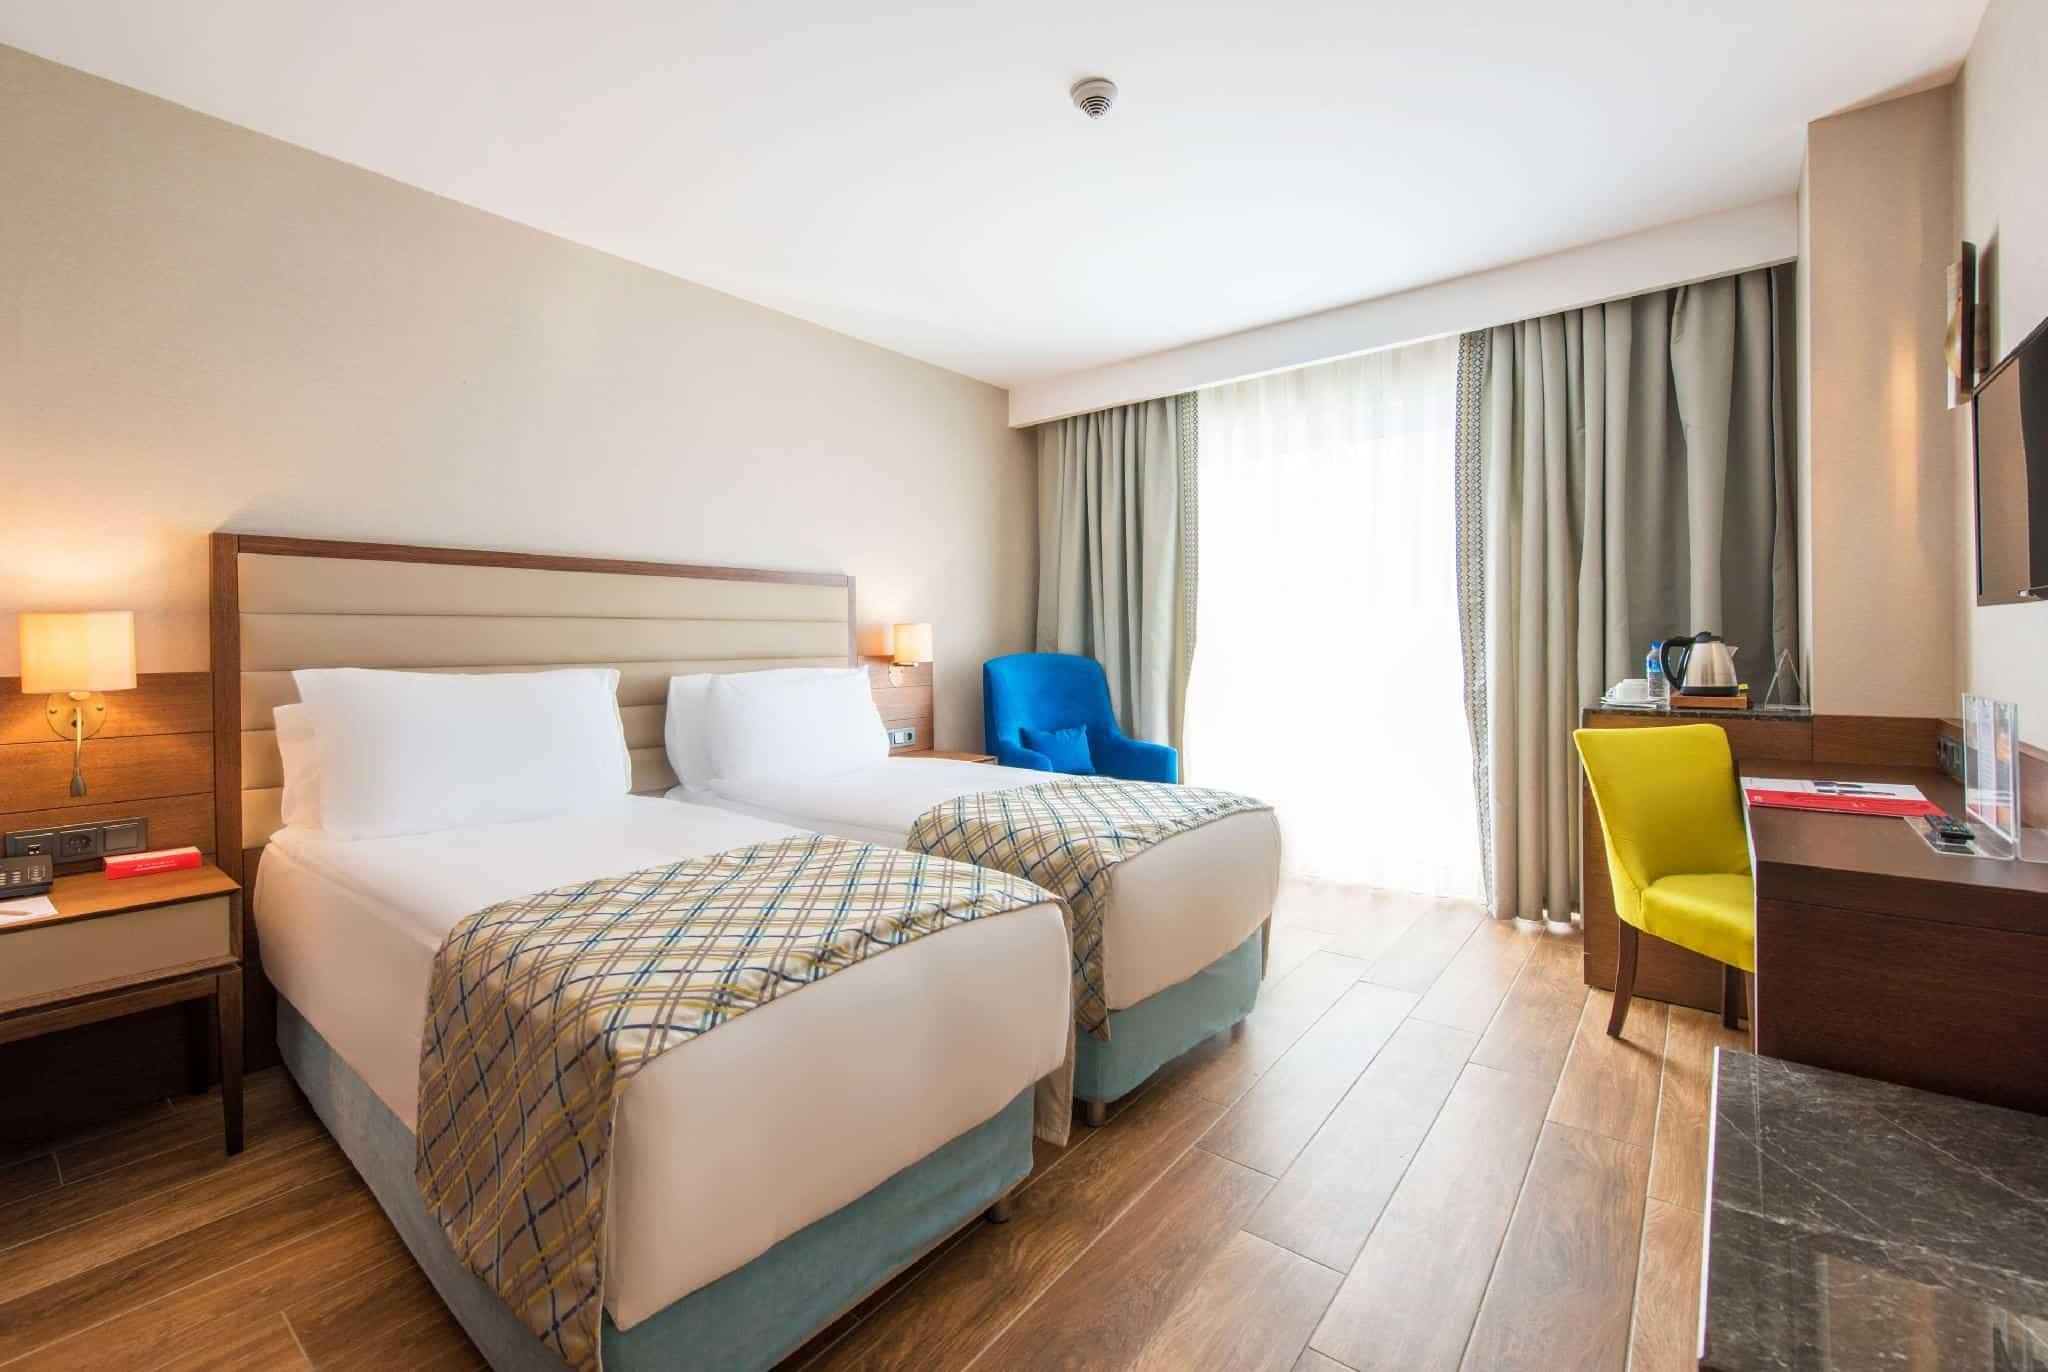 Ramada Plaza By Wyndham Antalya - Best Hotels In Antalya